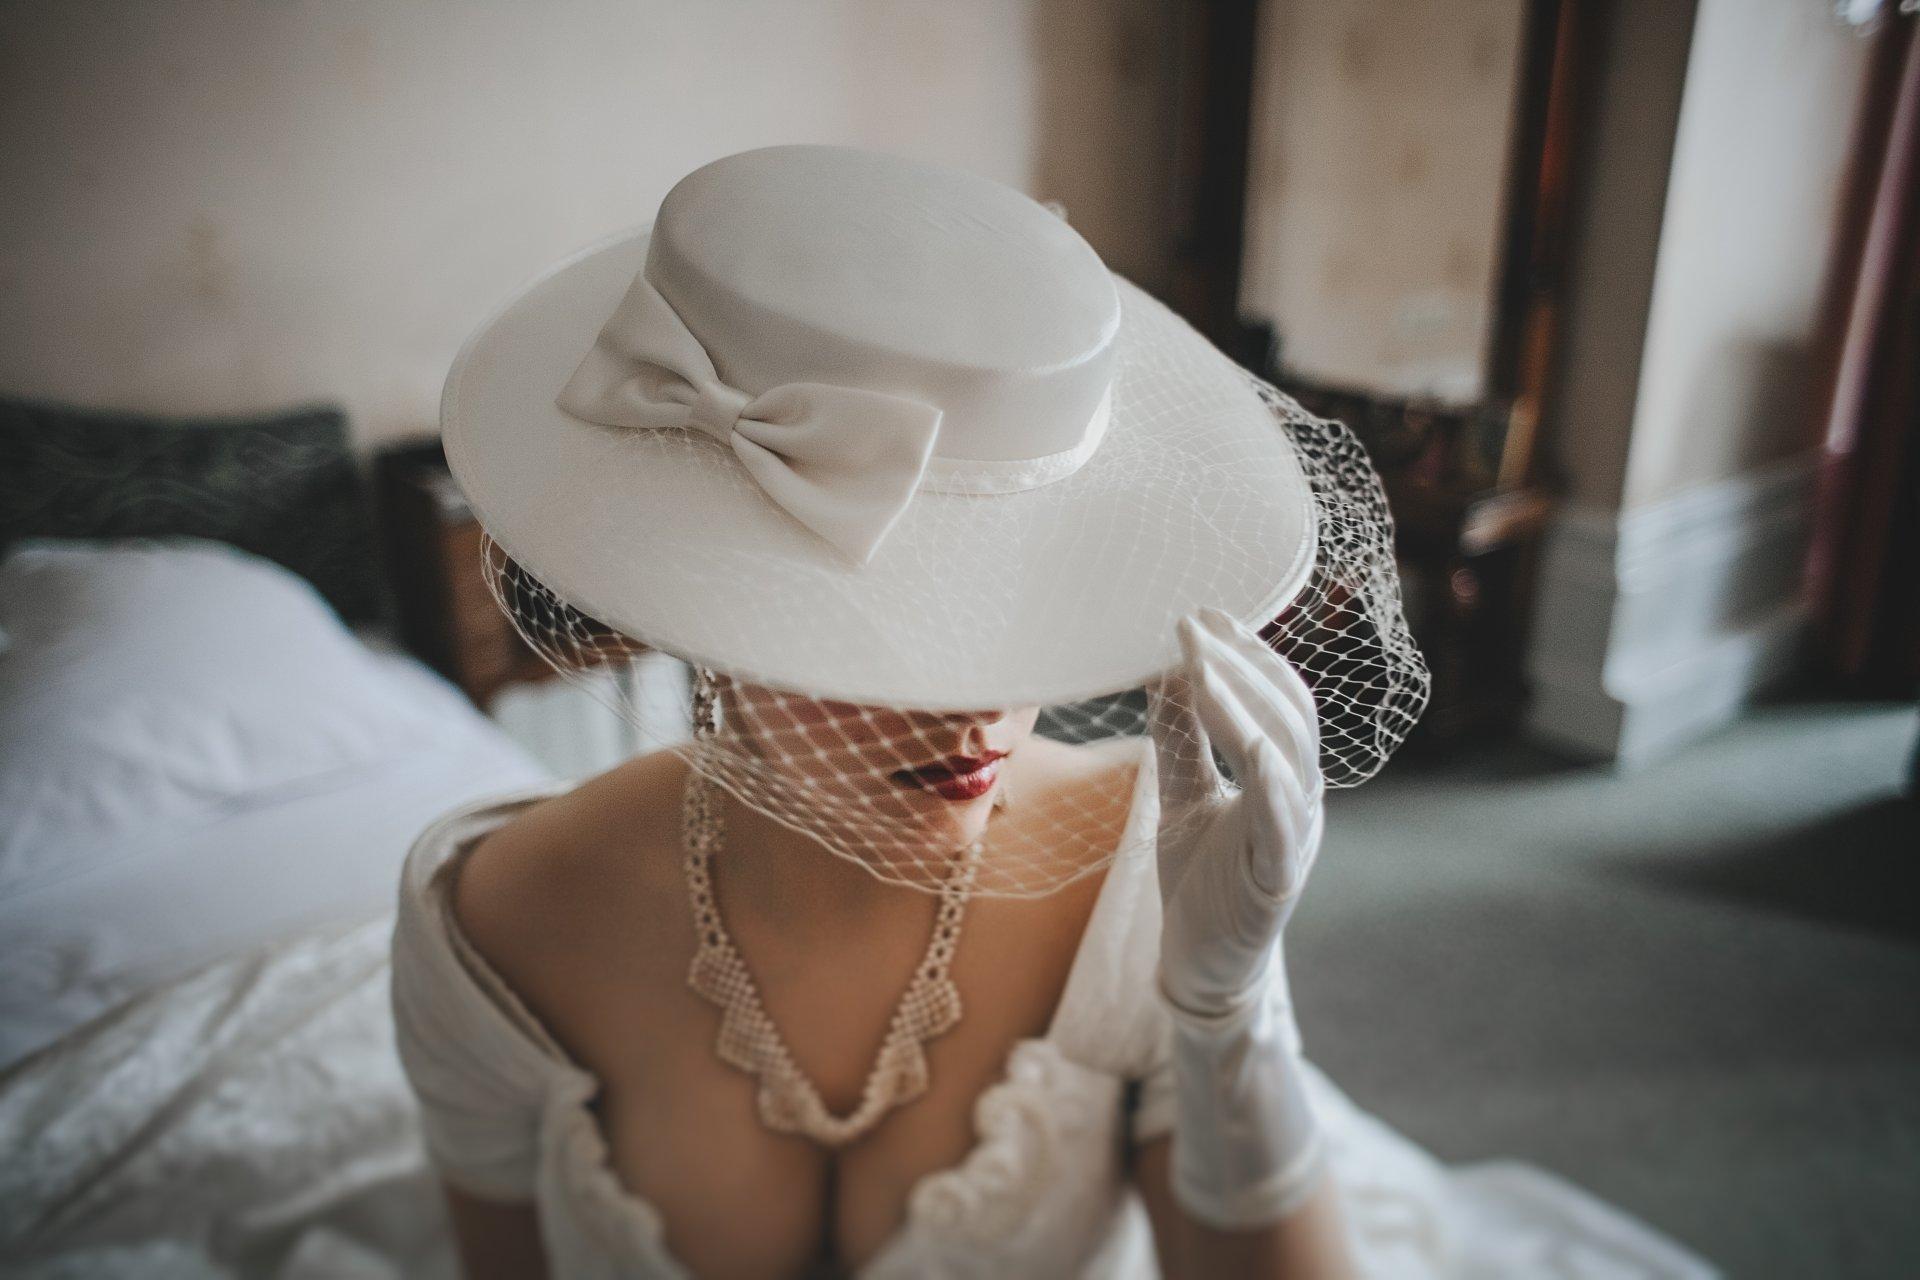 Фото дам в шляпах, Картинки дам в шляпах (36 фото) 22 фотография